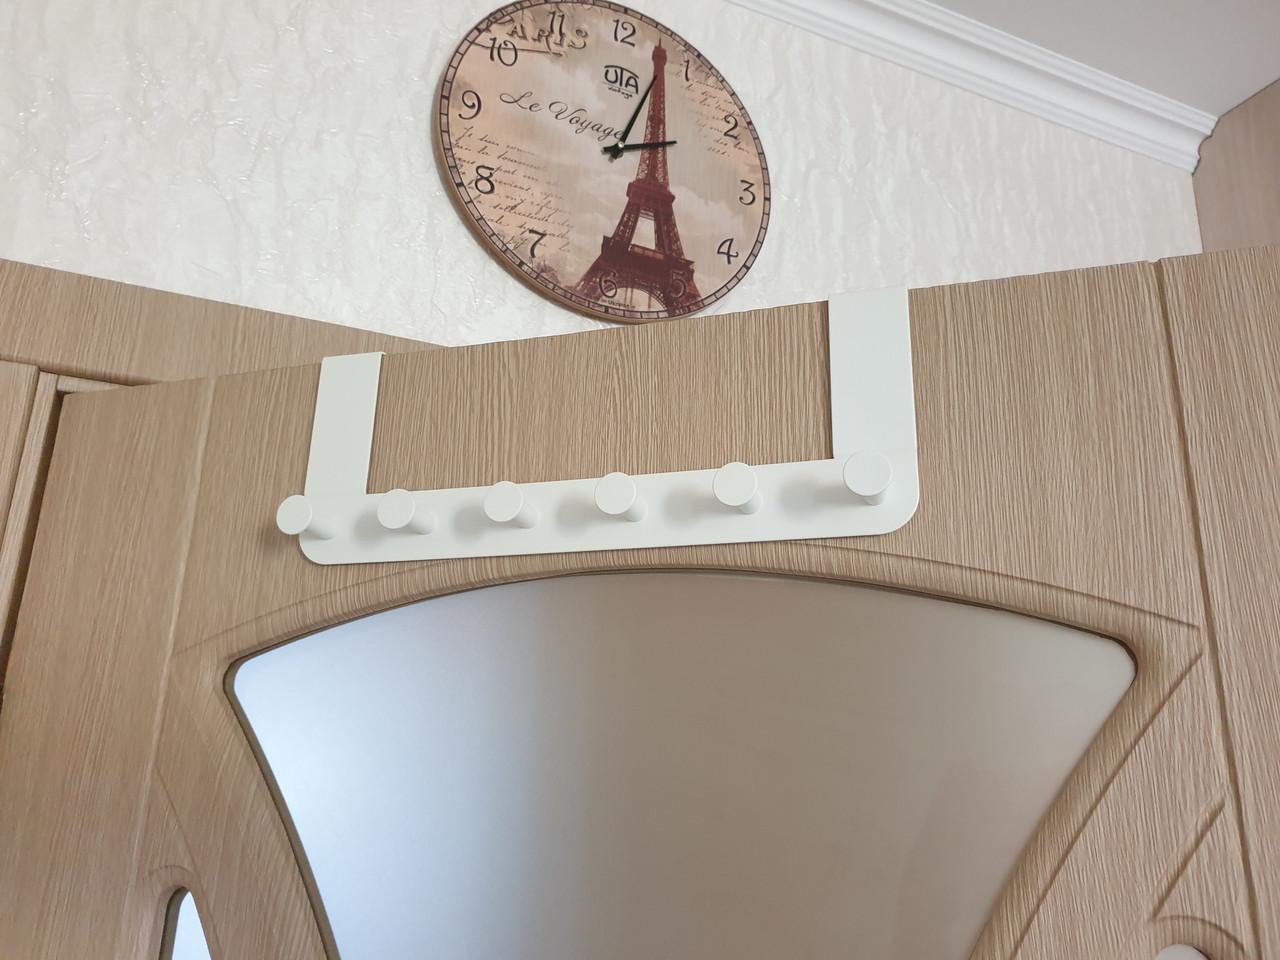 Передплата! Дверна вішалка для речей, одягу, рушників IKEA ENUDDEN 602.516.65